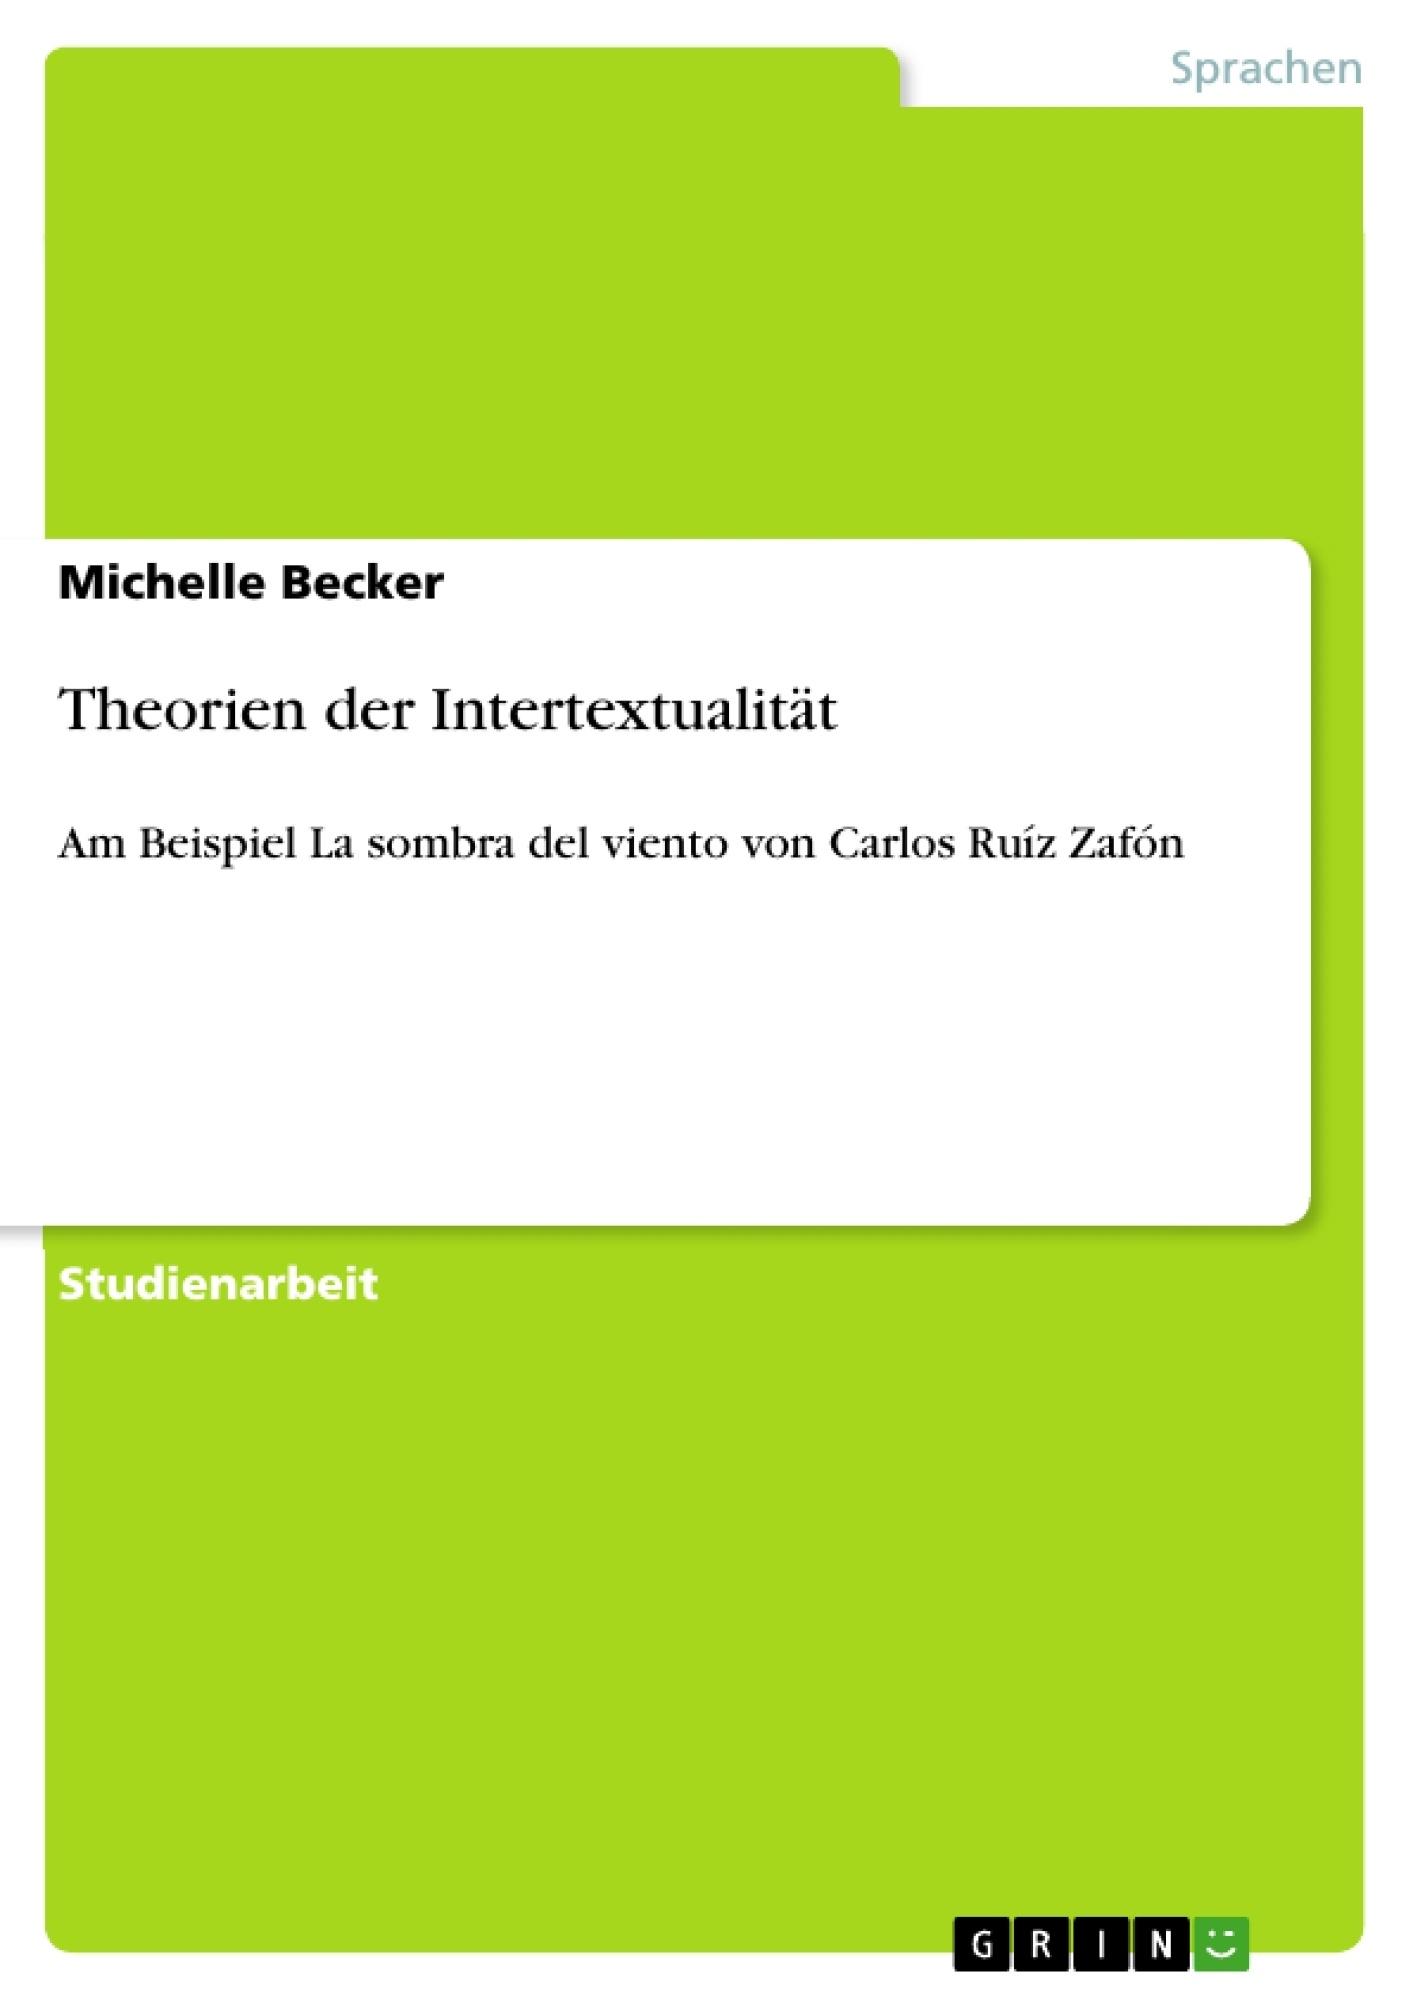 Titel: Theorien der Intertextualität